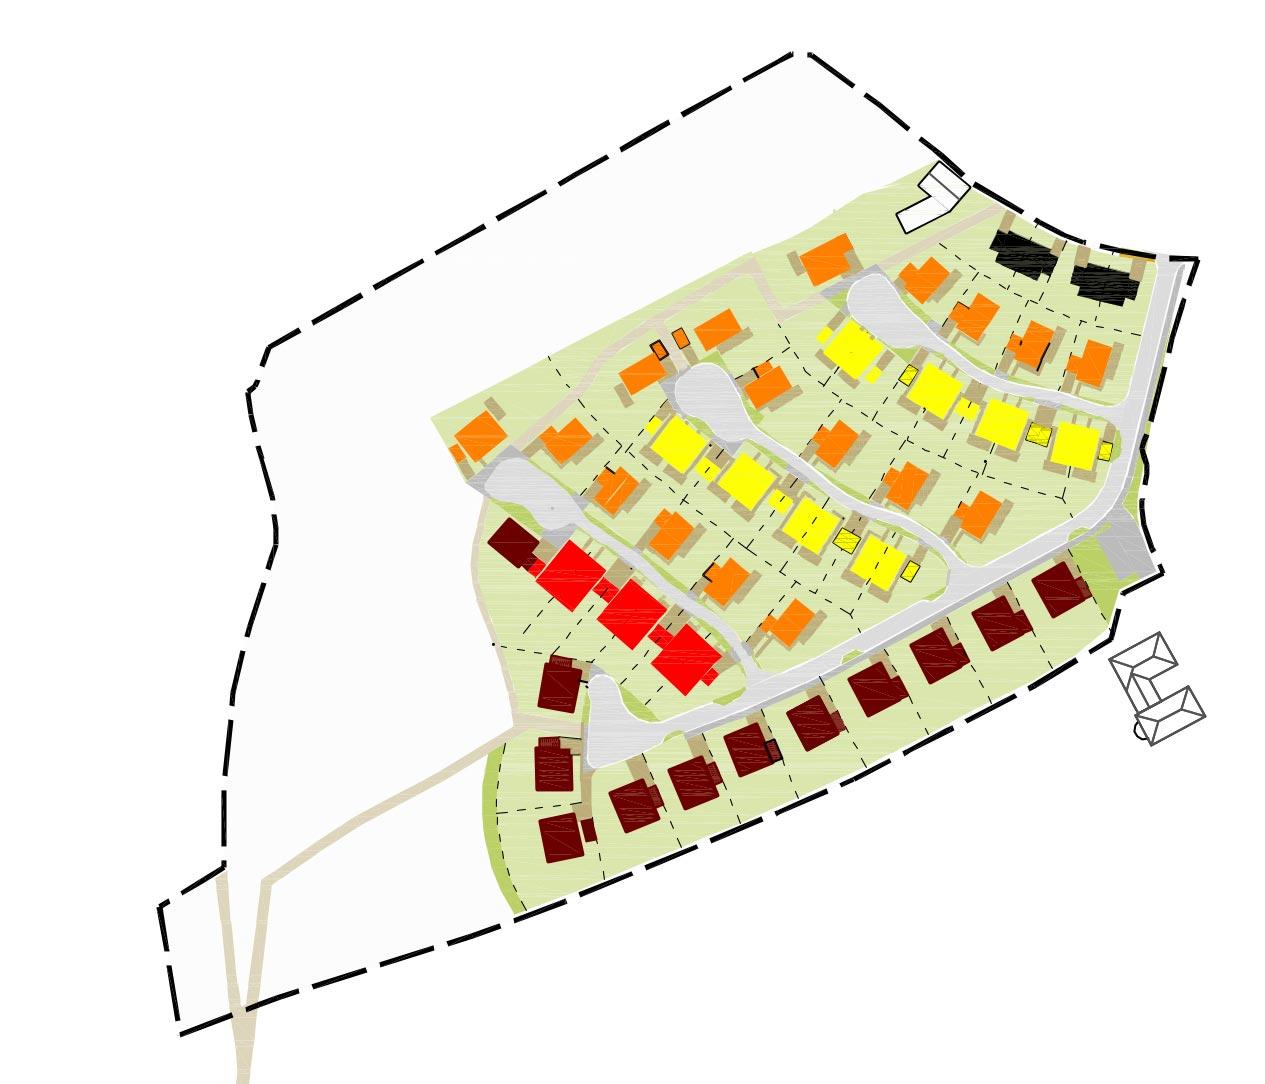 Gebäudetypen Wohnbebauung Scheitensberg Castrop-Rauxel Planquadrat Dortmund